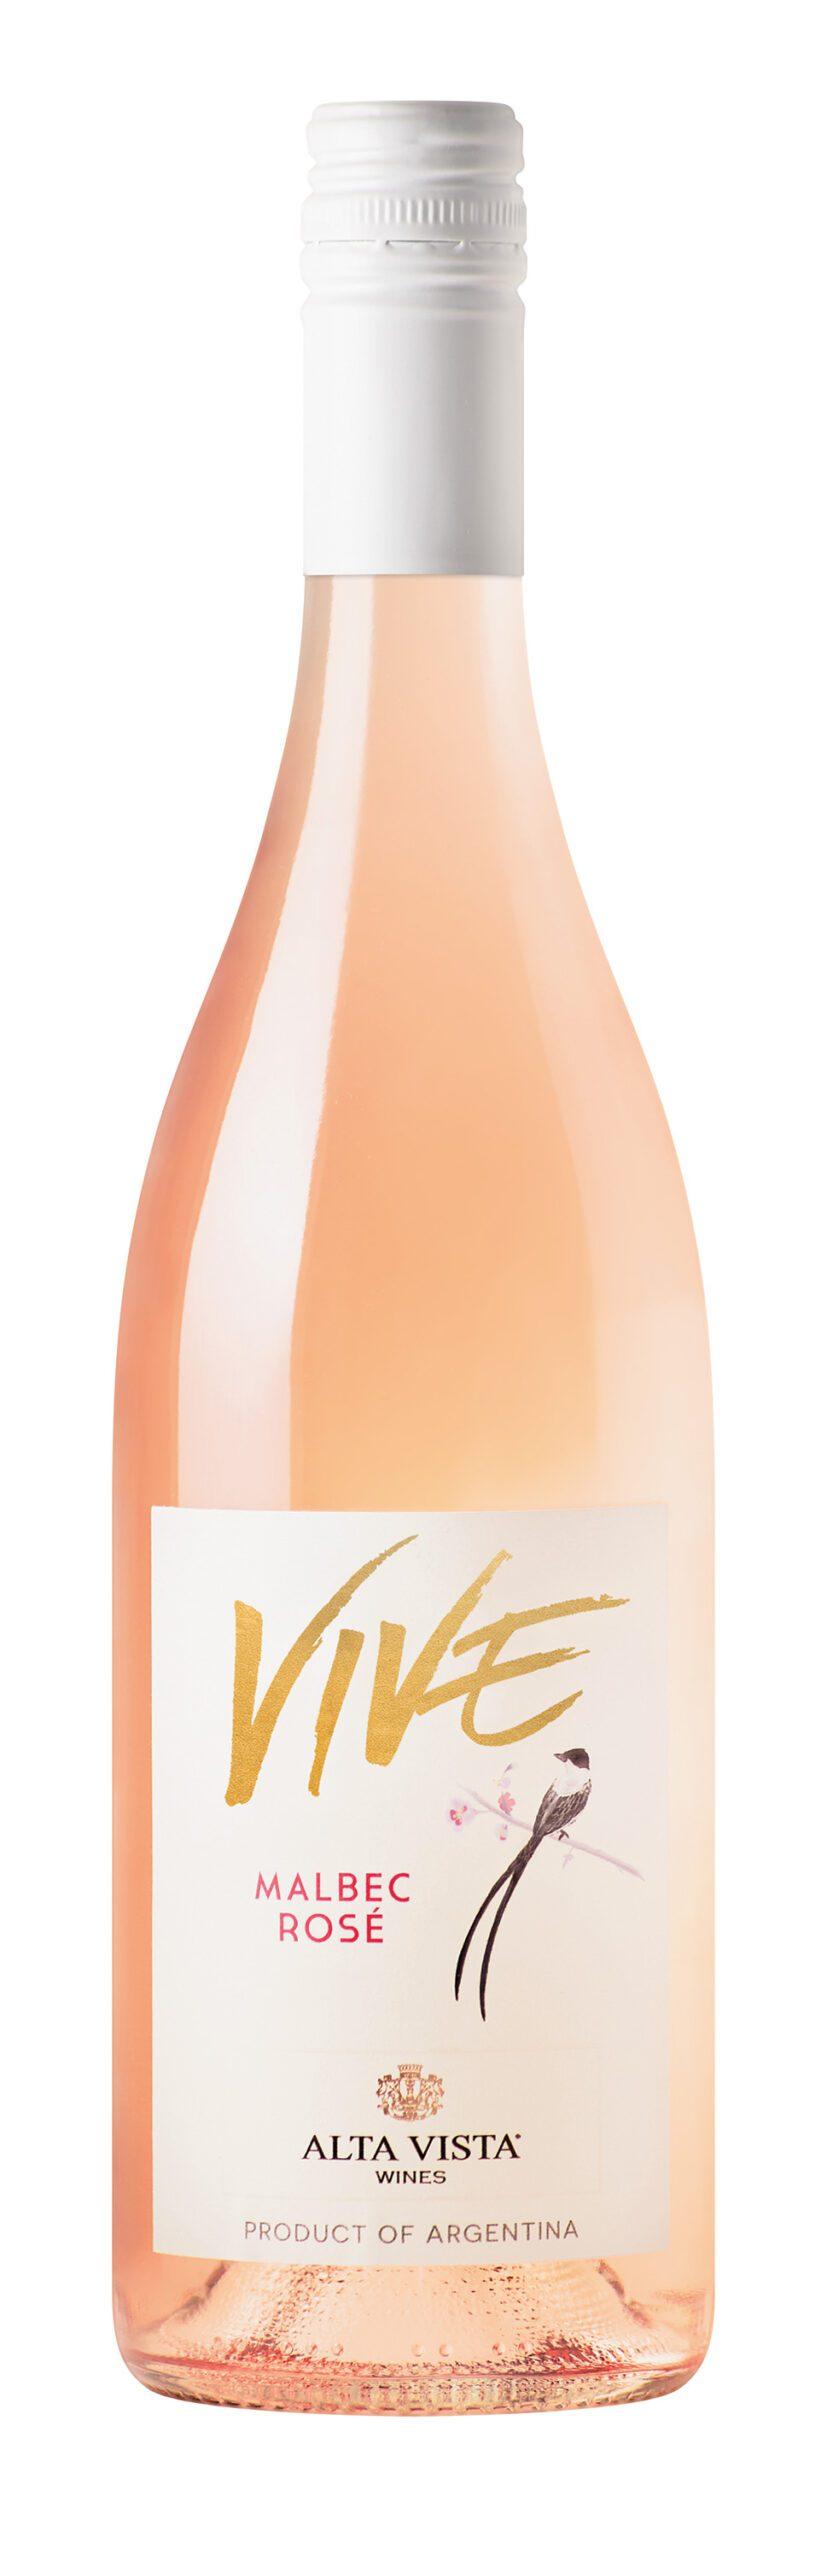 Bottle of Alta Vista Vive Rose